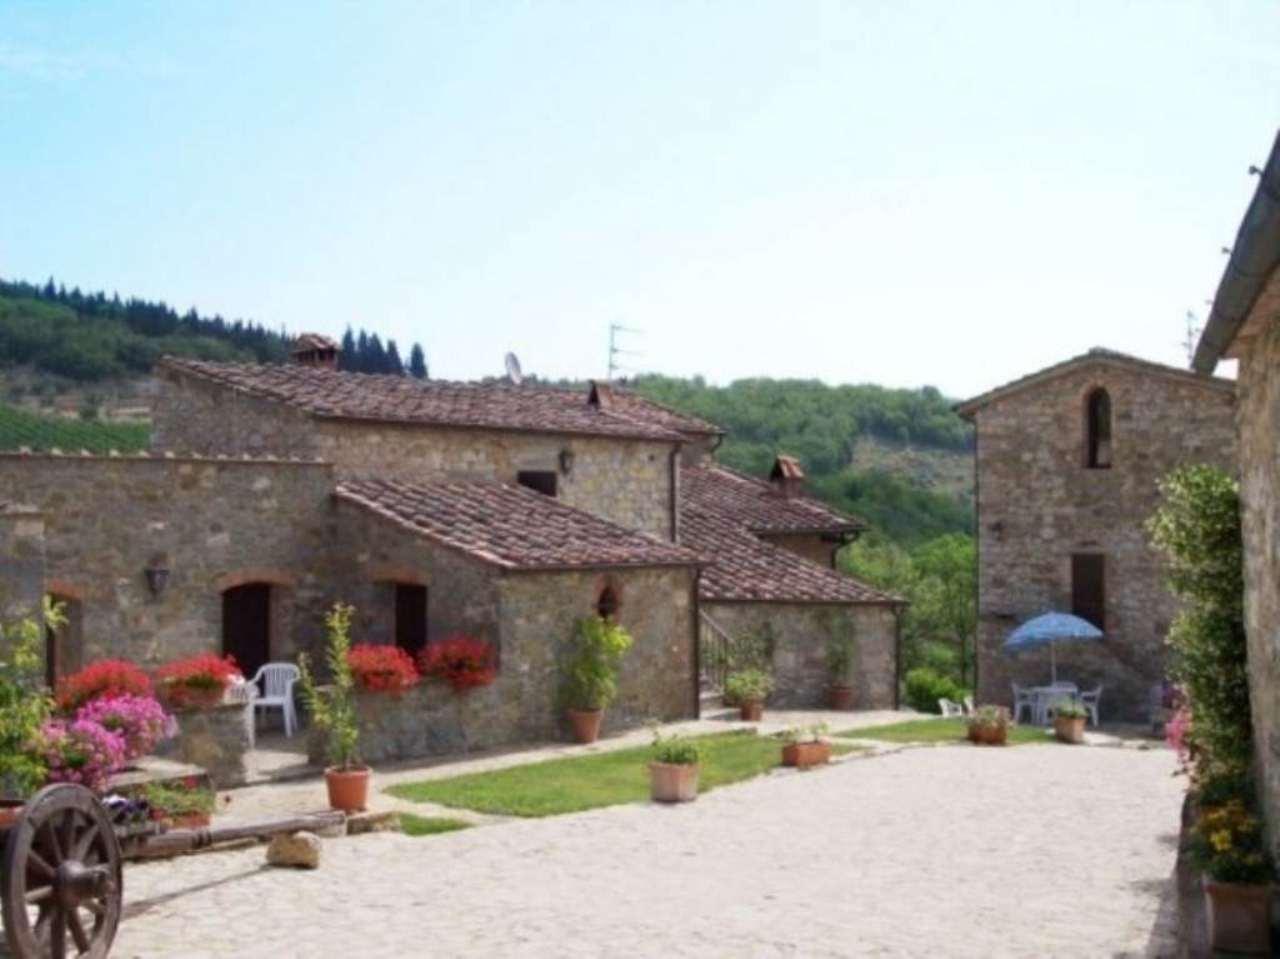 Agriturismo in vendita a Castellina in Chianti, 9999 locali, prezzo € 2.500.000 | Cambio Casa.it